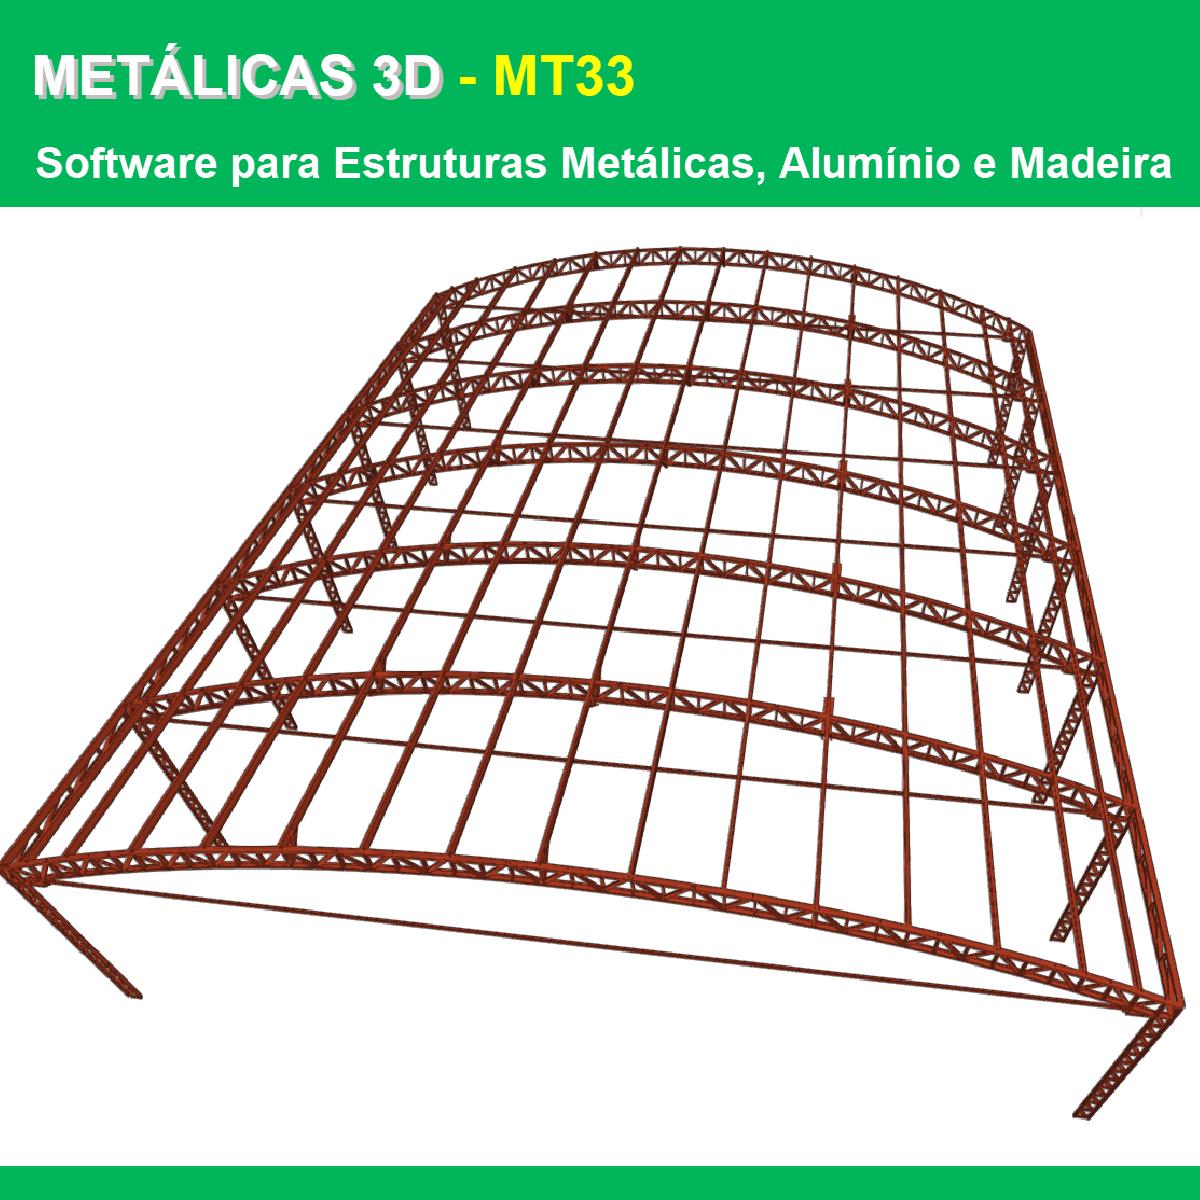 Software Metálicas 3D MT33 versão 2021 (Licença Eletrônica) incluindo Núcleo Básico  - MULTIPLUS SOFTWARES